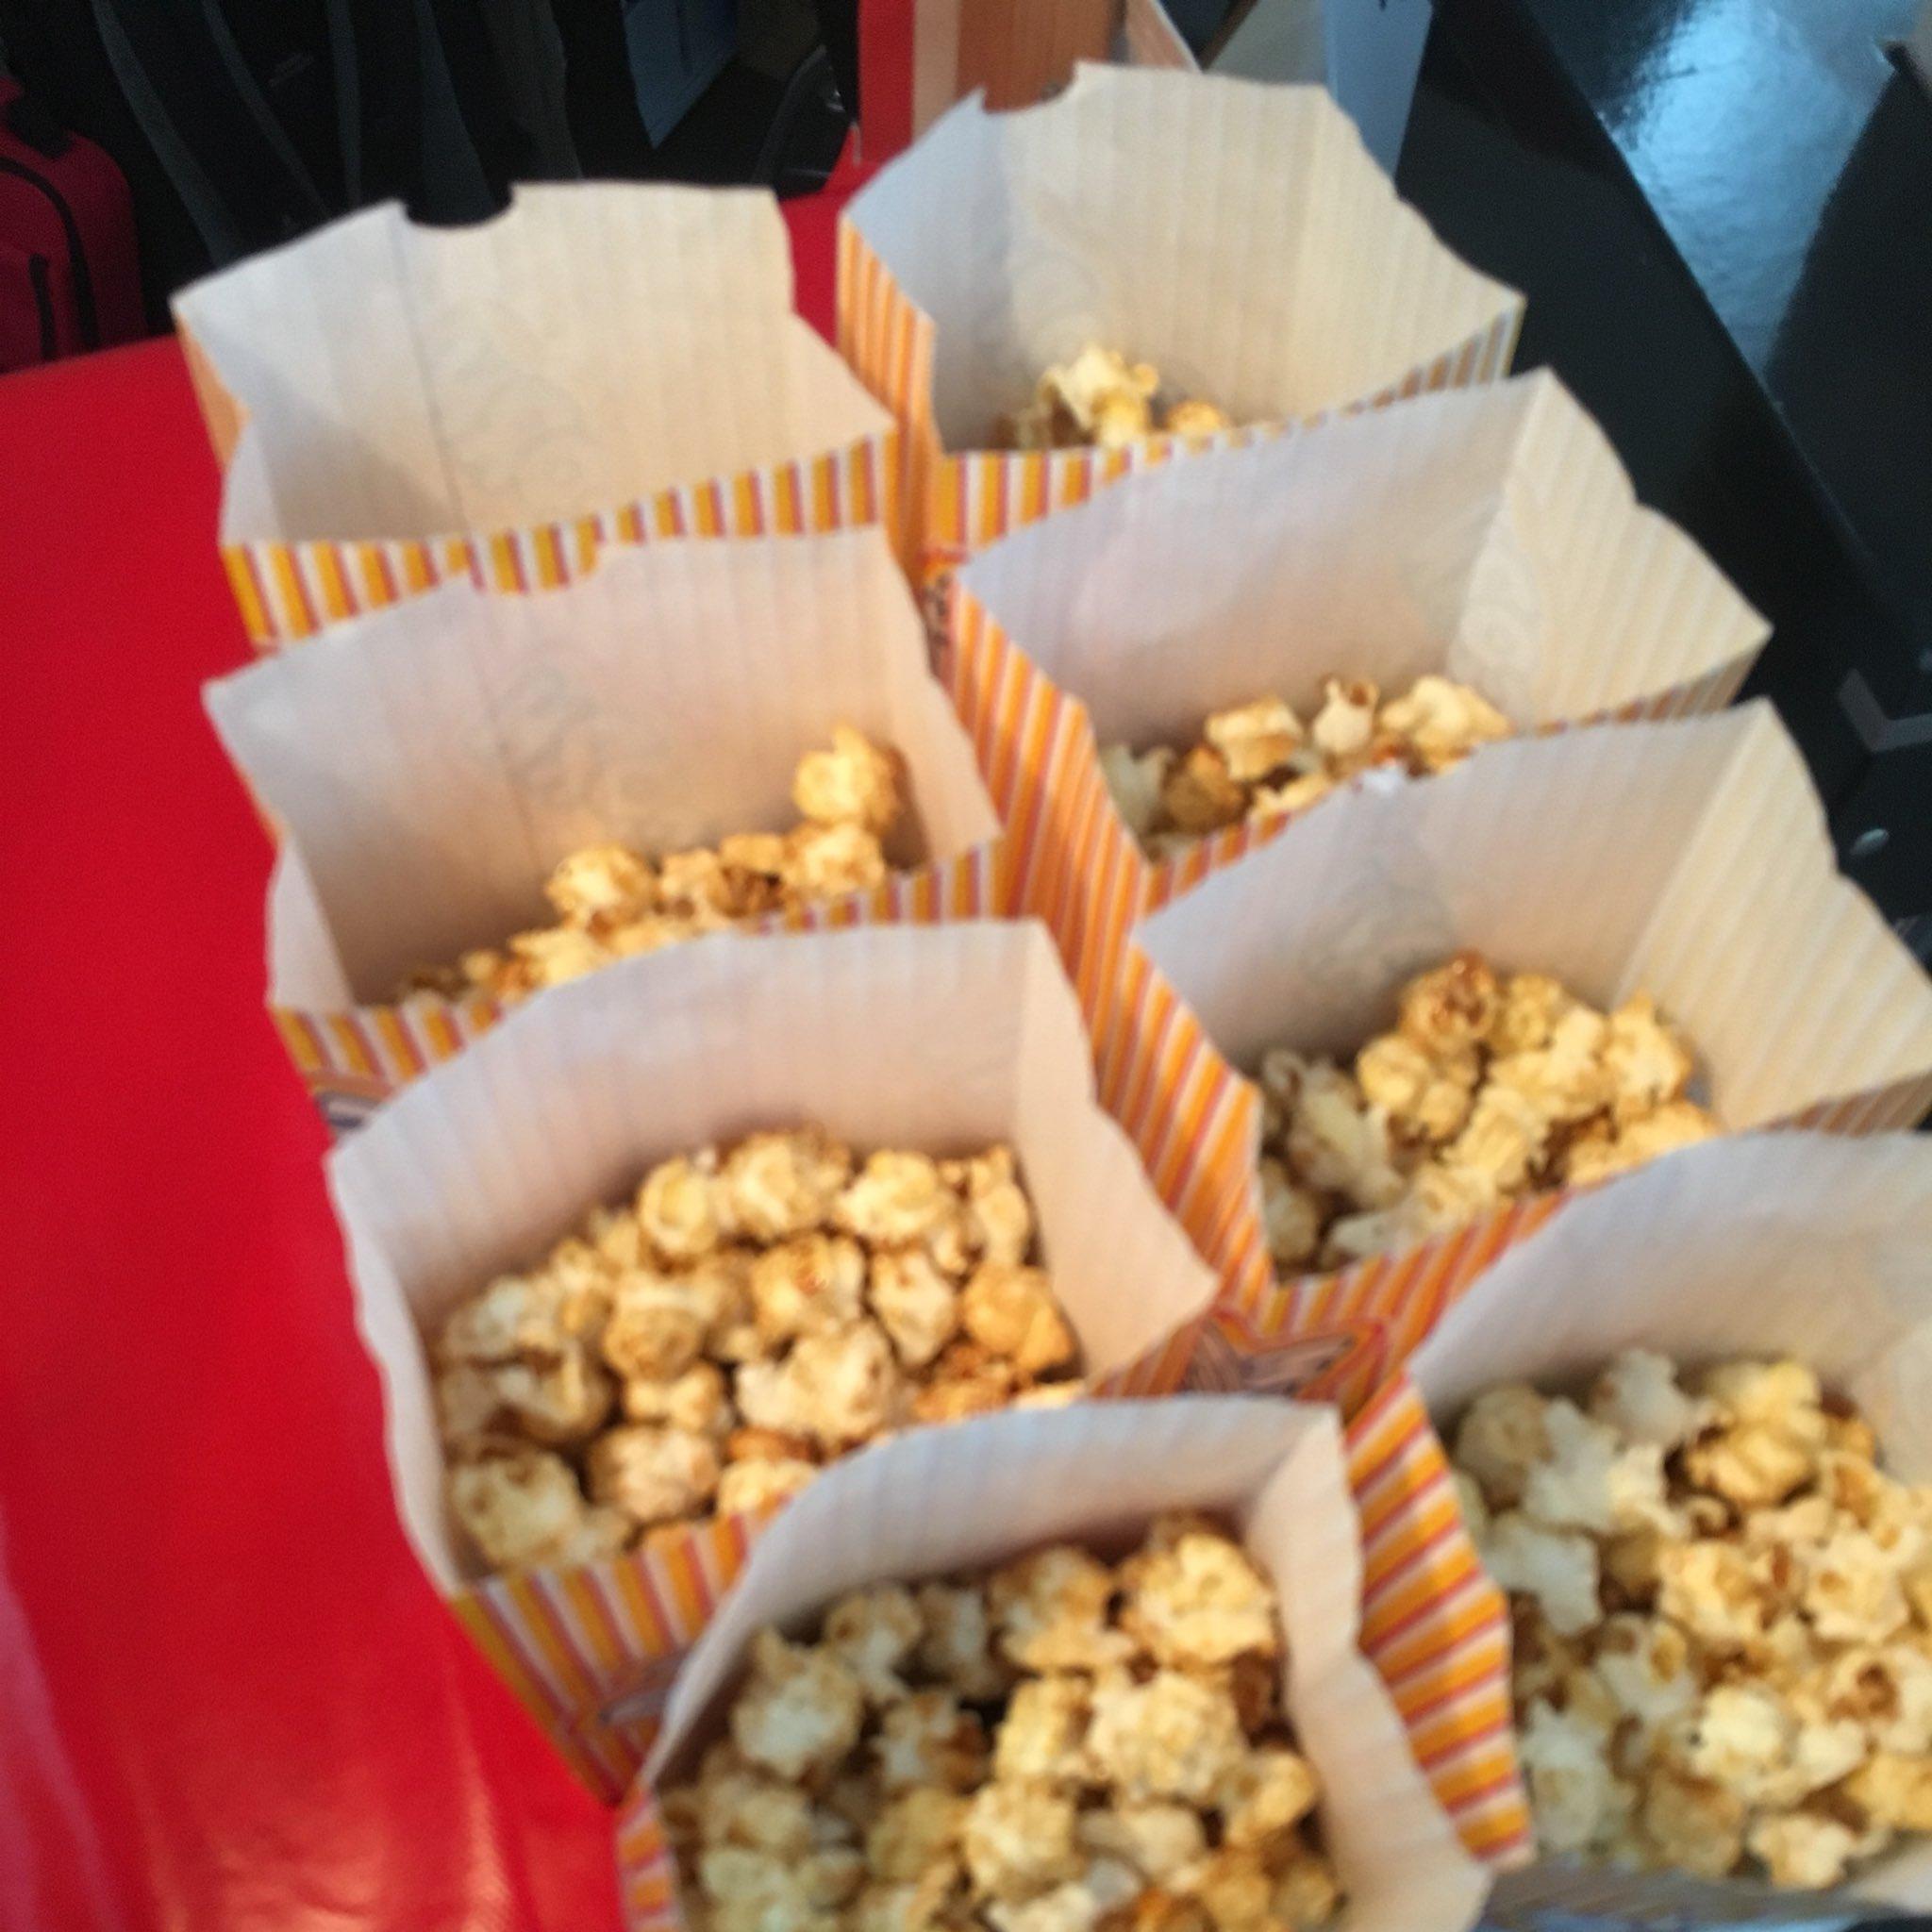 Die Leute beschweren sich: Auf der #wmdemv gibt es nur süßes Popcorn, kein salziges. https://t.co/ndnfnYJhec